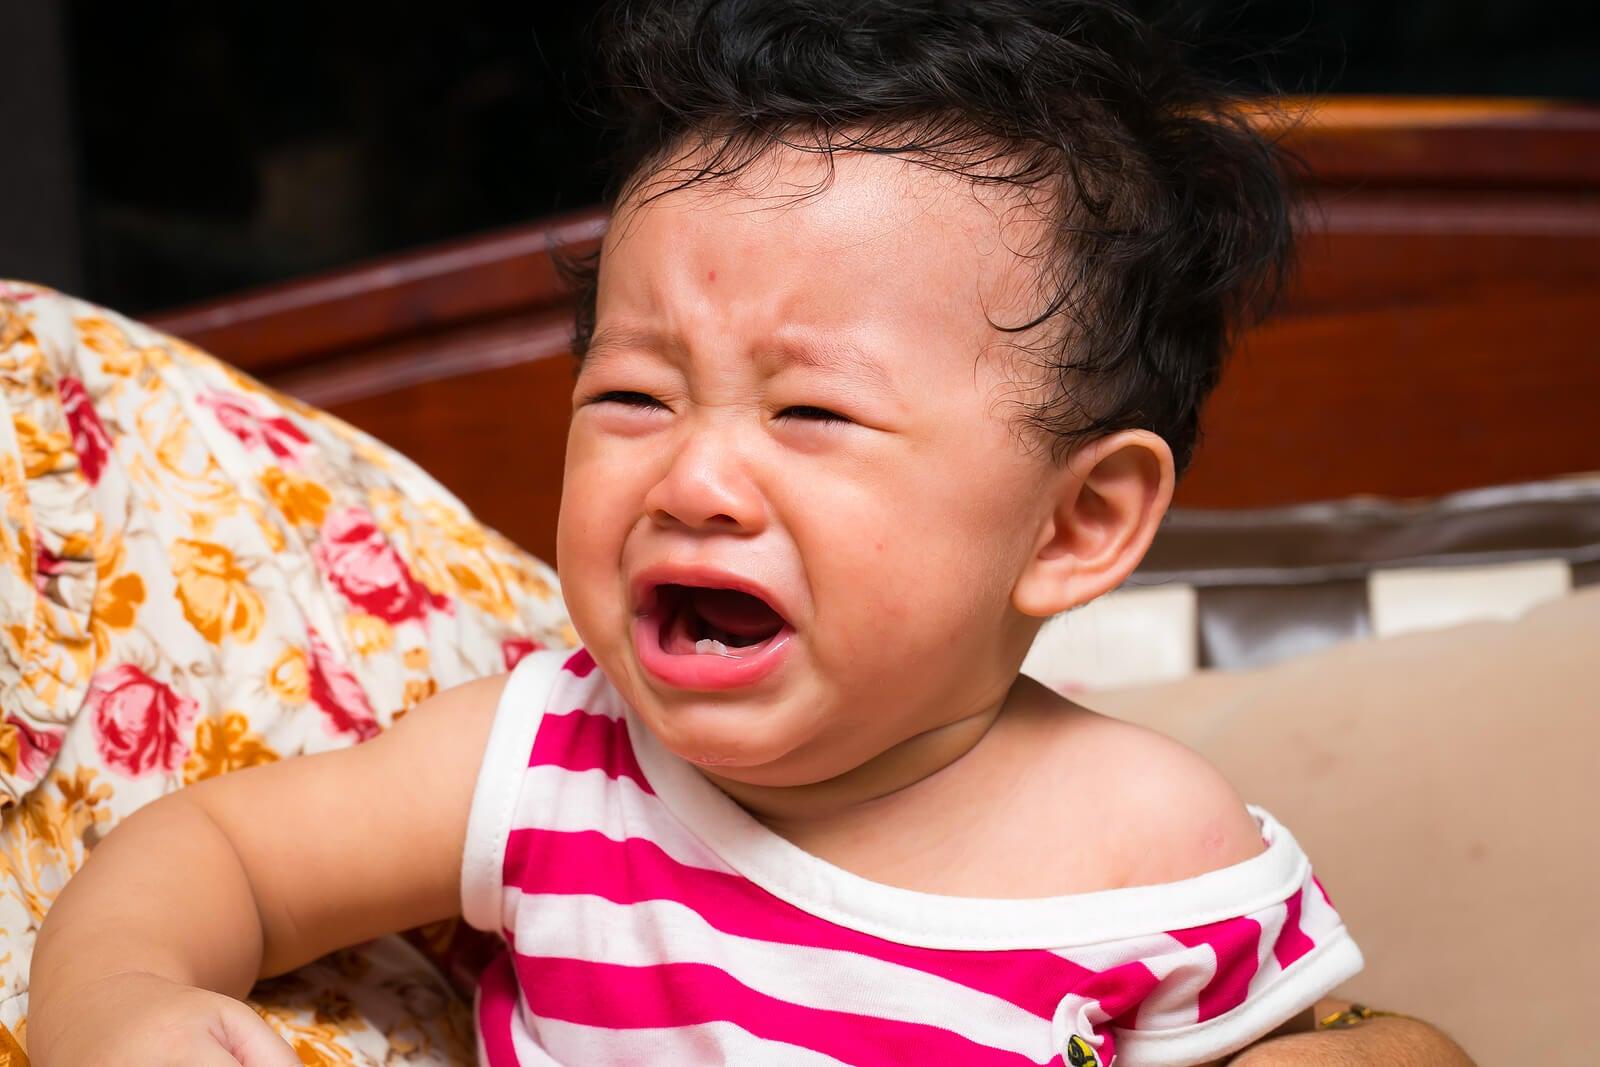 La salud dental de los niños: qué tener en cuenta